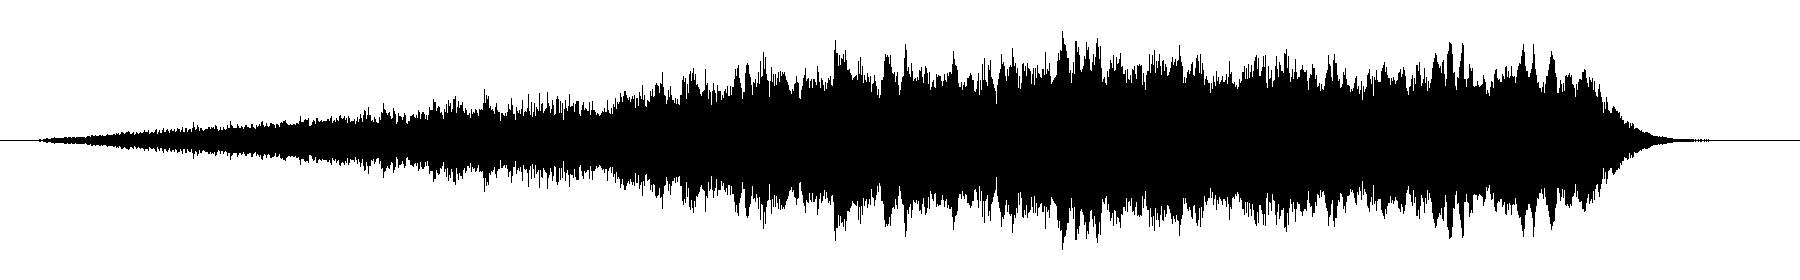 str glissoct 04 xc